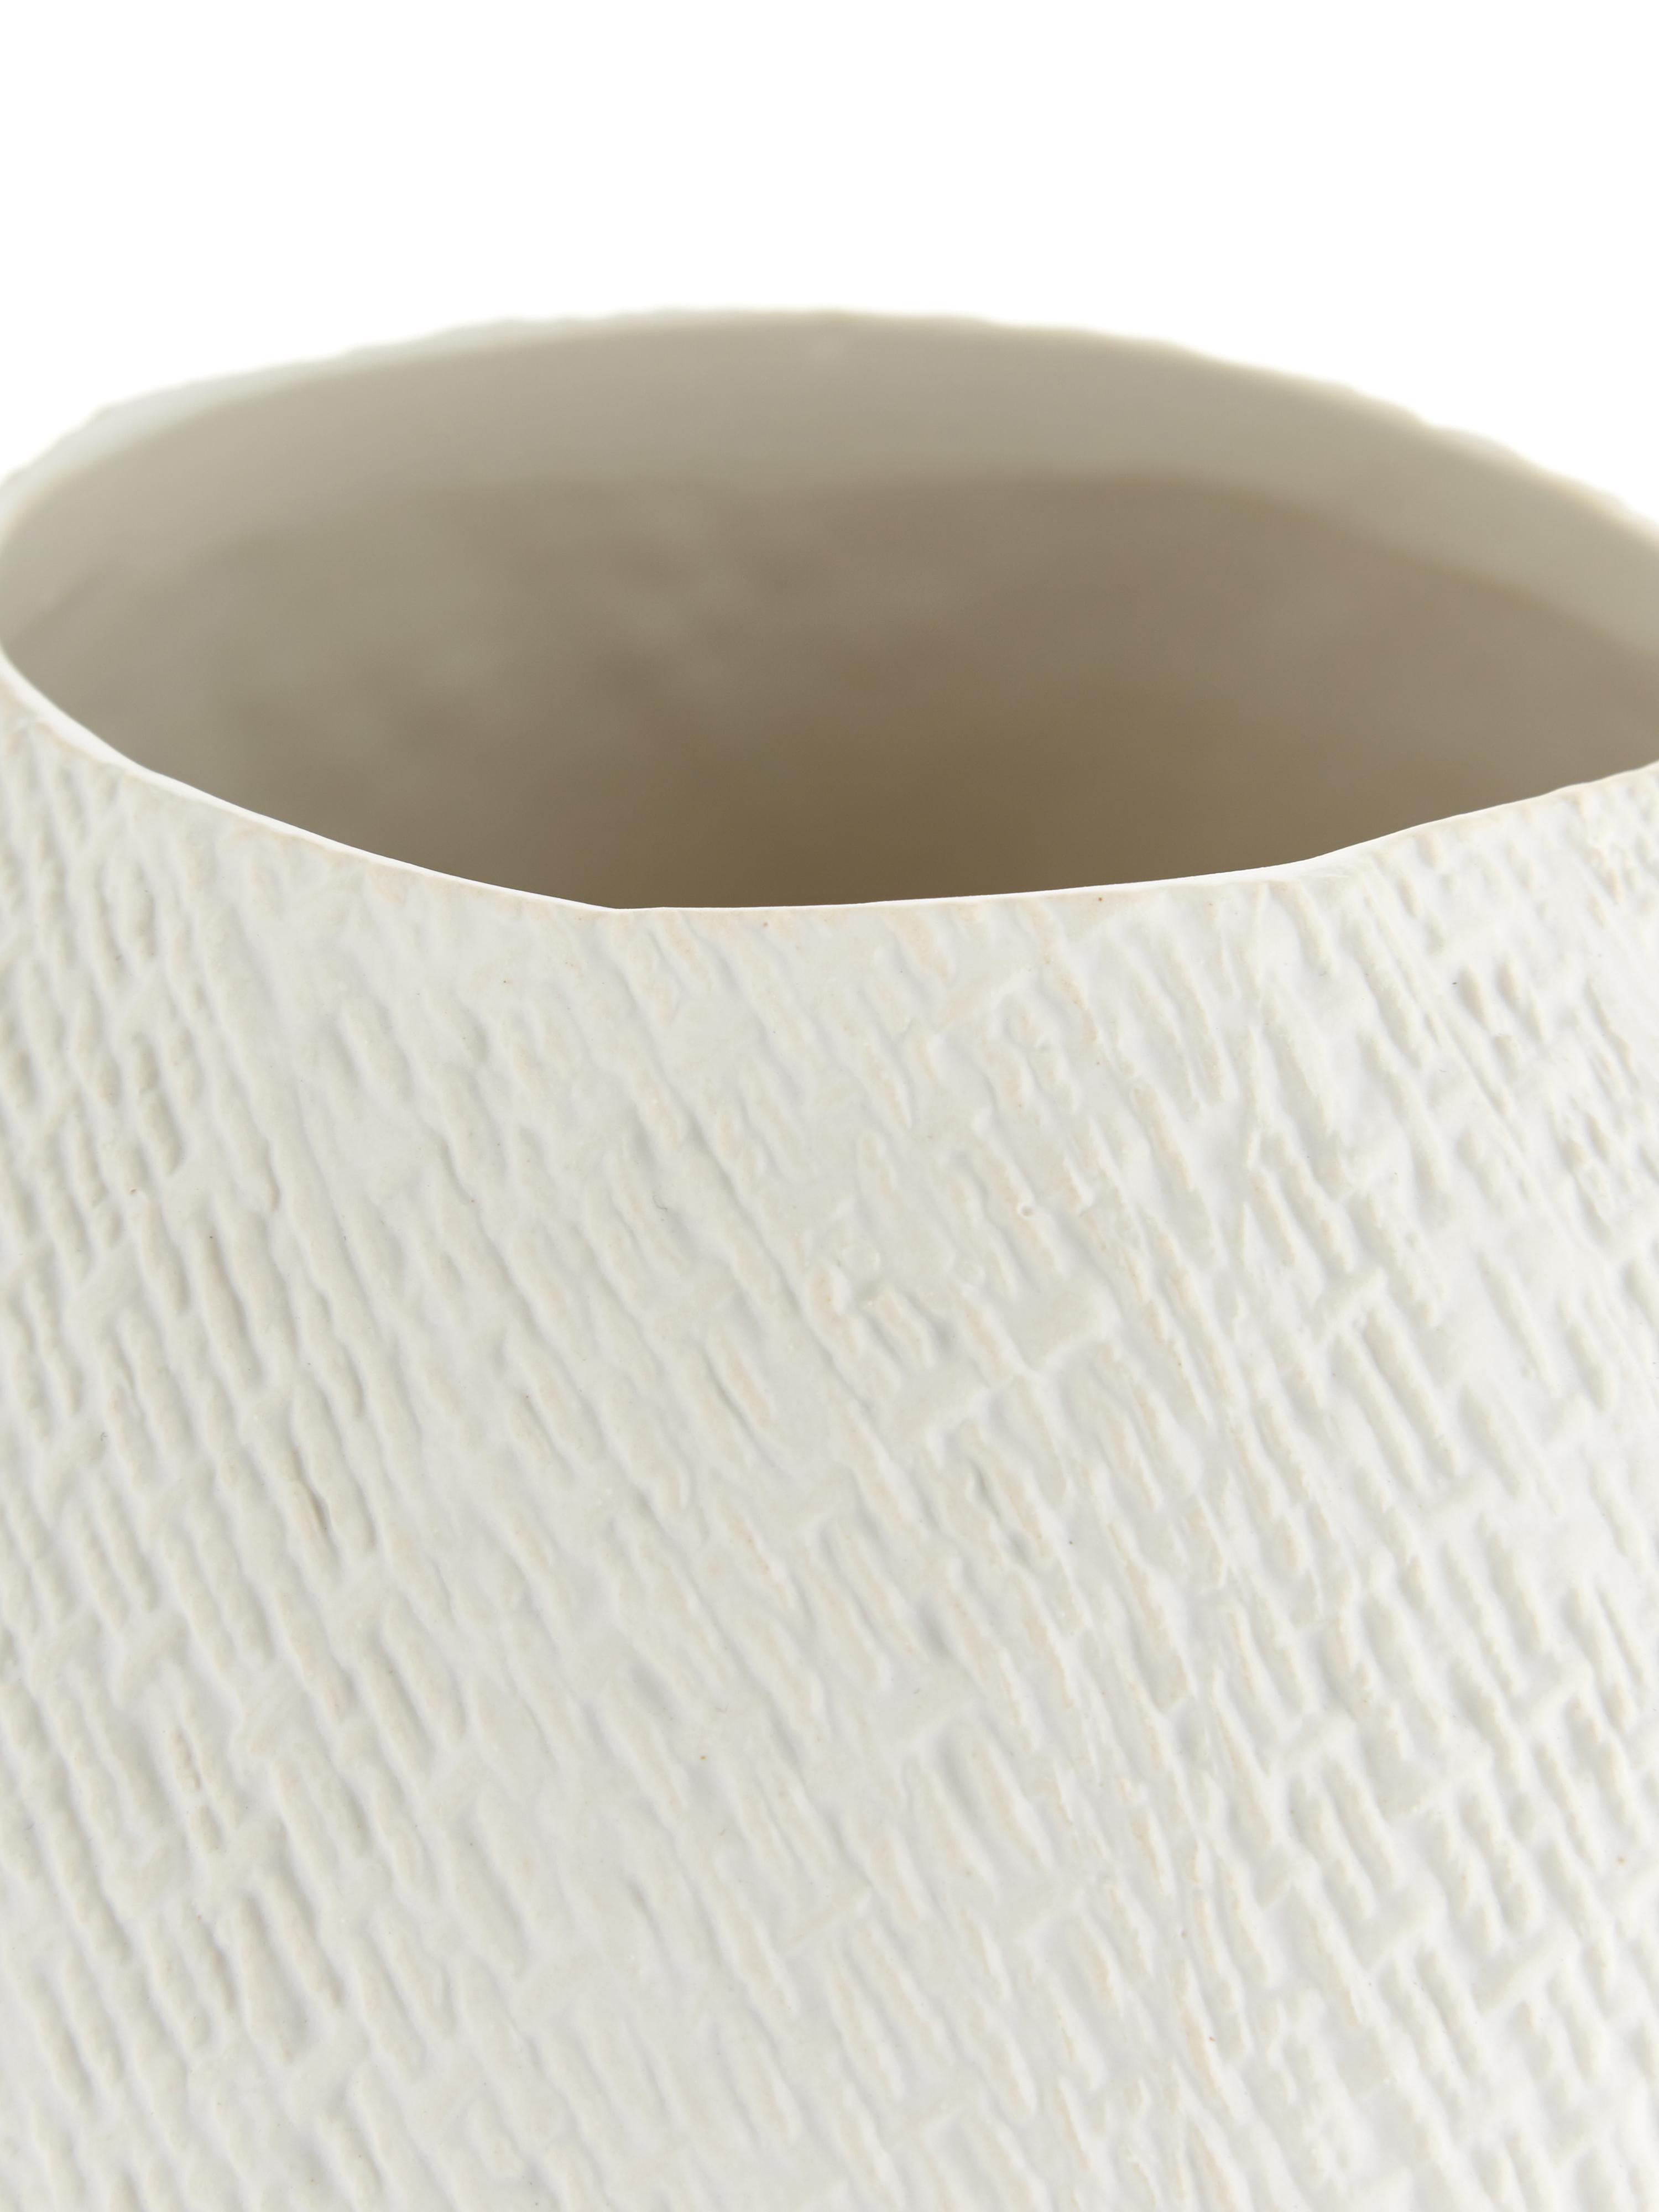 Ręcznie wykonany wazon Wendy, Ceramika, Kremowobiały, matowy, ∅ 19 x W 20 cm